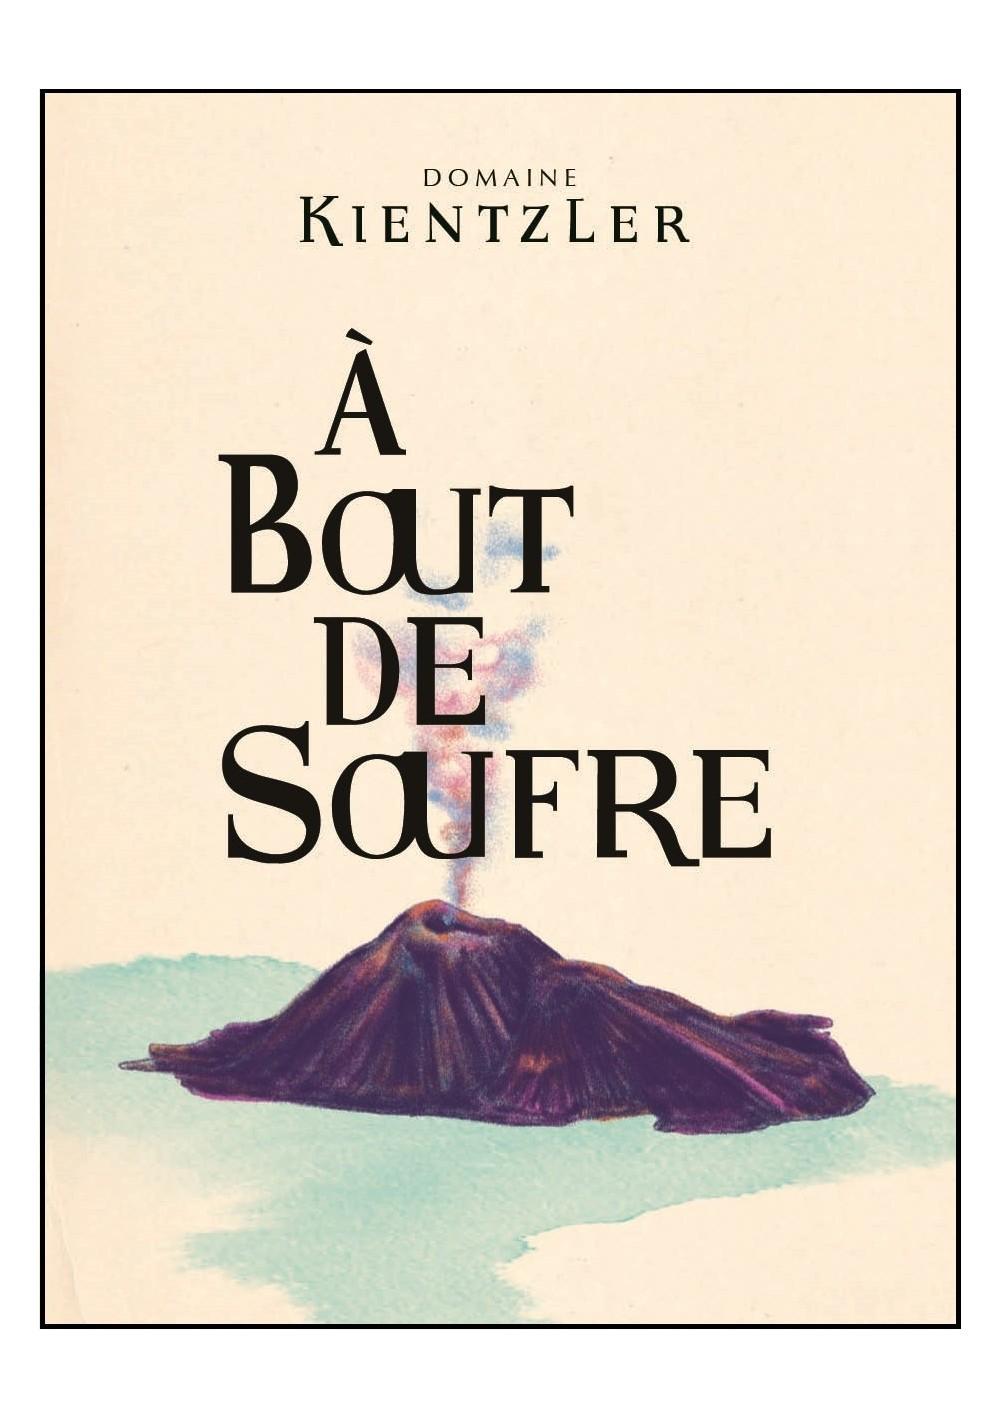 A BOUT DE SOUFRE 2019 - 1